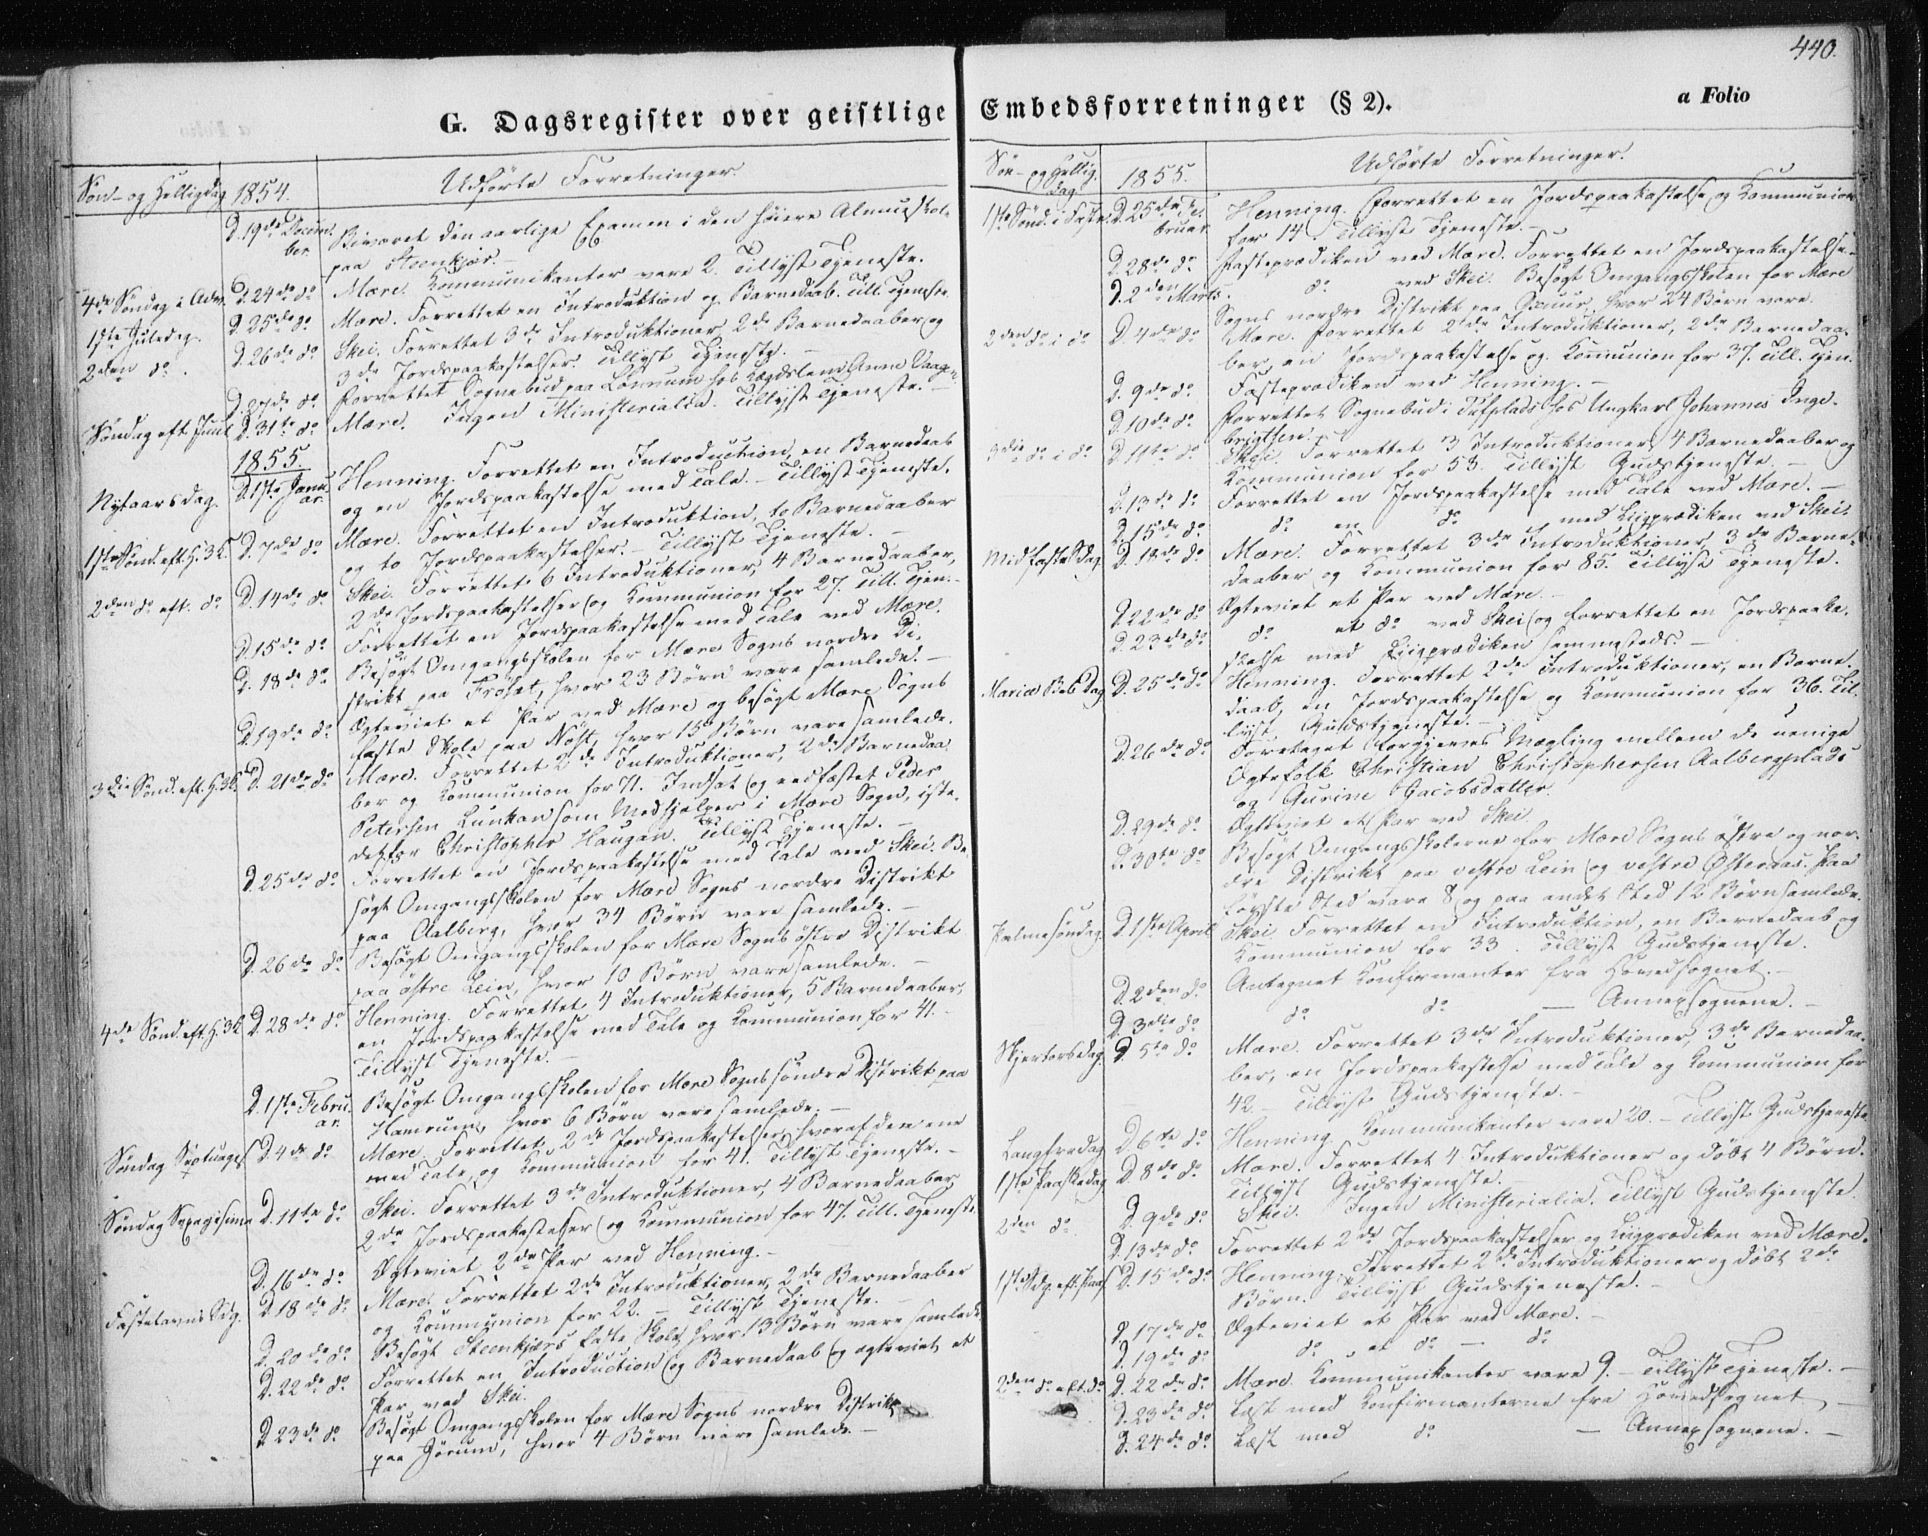 SAT, Ministerialprotokoller, klokkerbøker og fødselsregistre - Nord-Trøndelag, 735/L0342: Ministerialbok nr. 735A07 /1, 1849-1862, s. 440